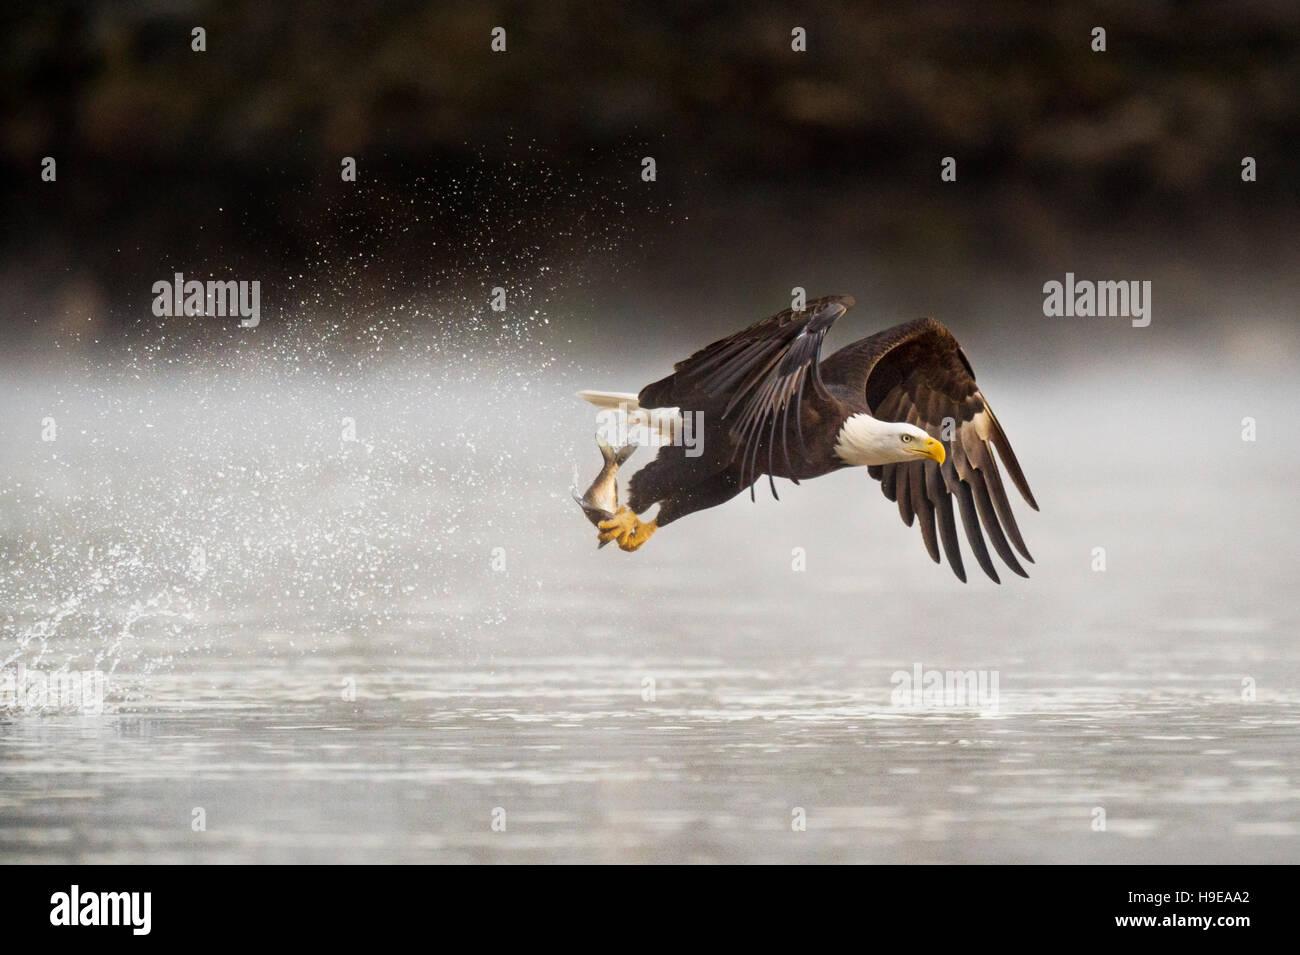 Ein Erwachsener Weißkopfseeadler packt einen Fisch aus dem Wasser früh ein Morgen mit einem big Splash Stockbild